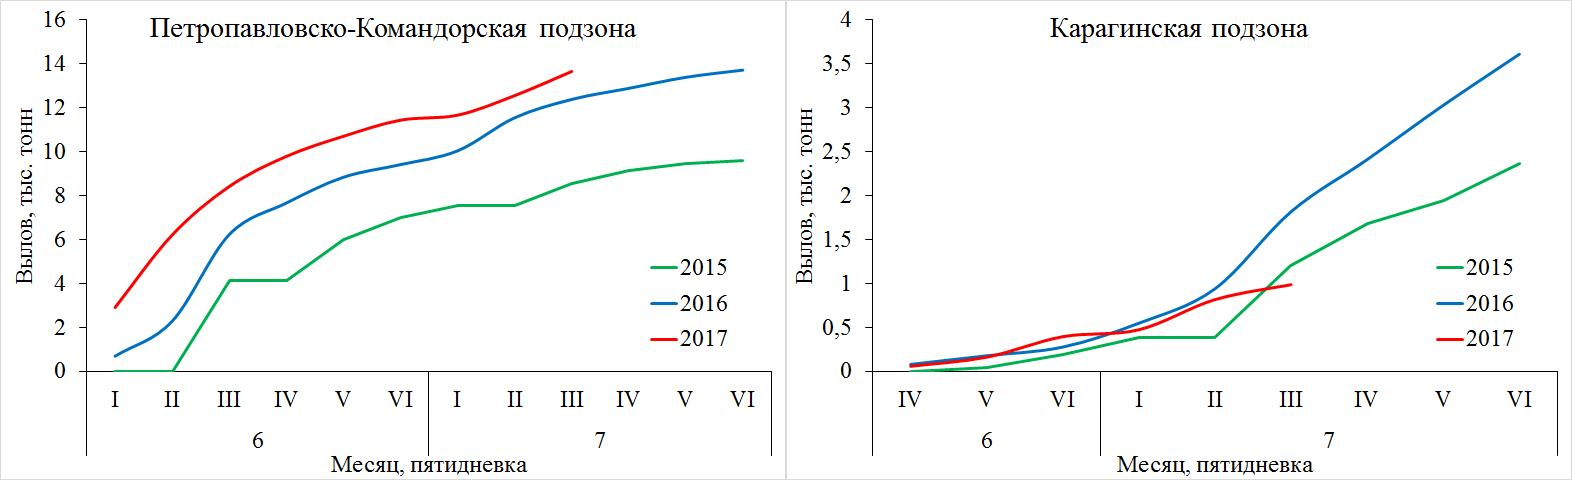 Рис. 3. Динамика вылова нерки в Петропавловско-Командорской и Карагинской подзонах в 2015–2017 гг.